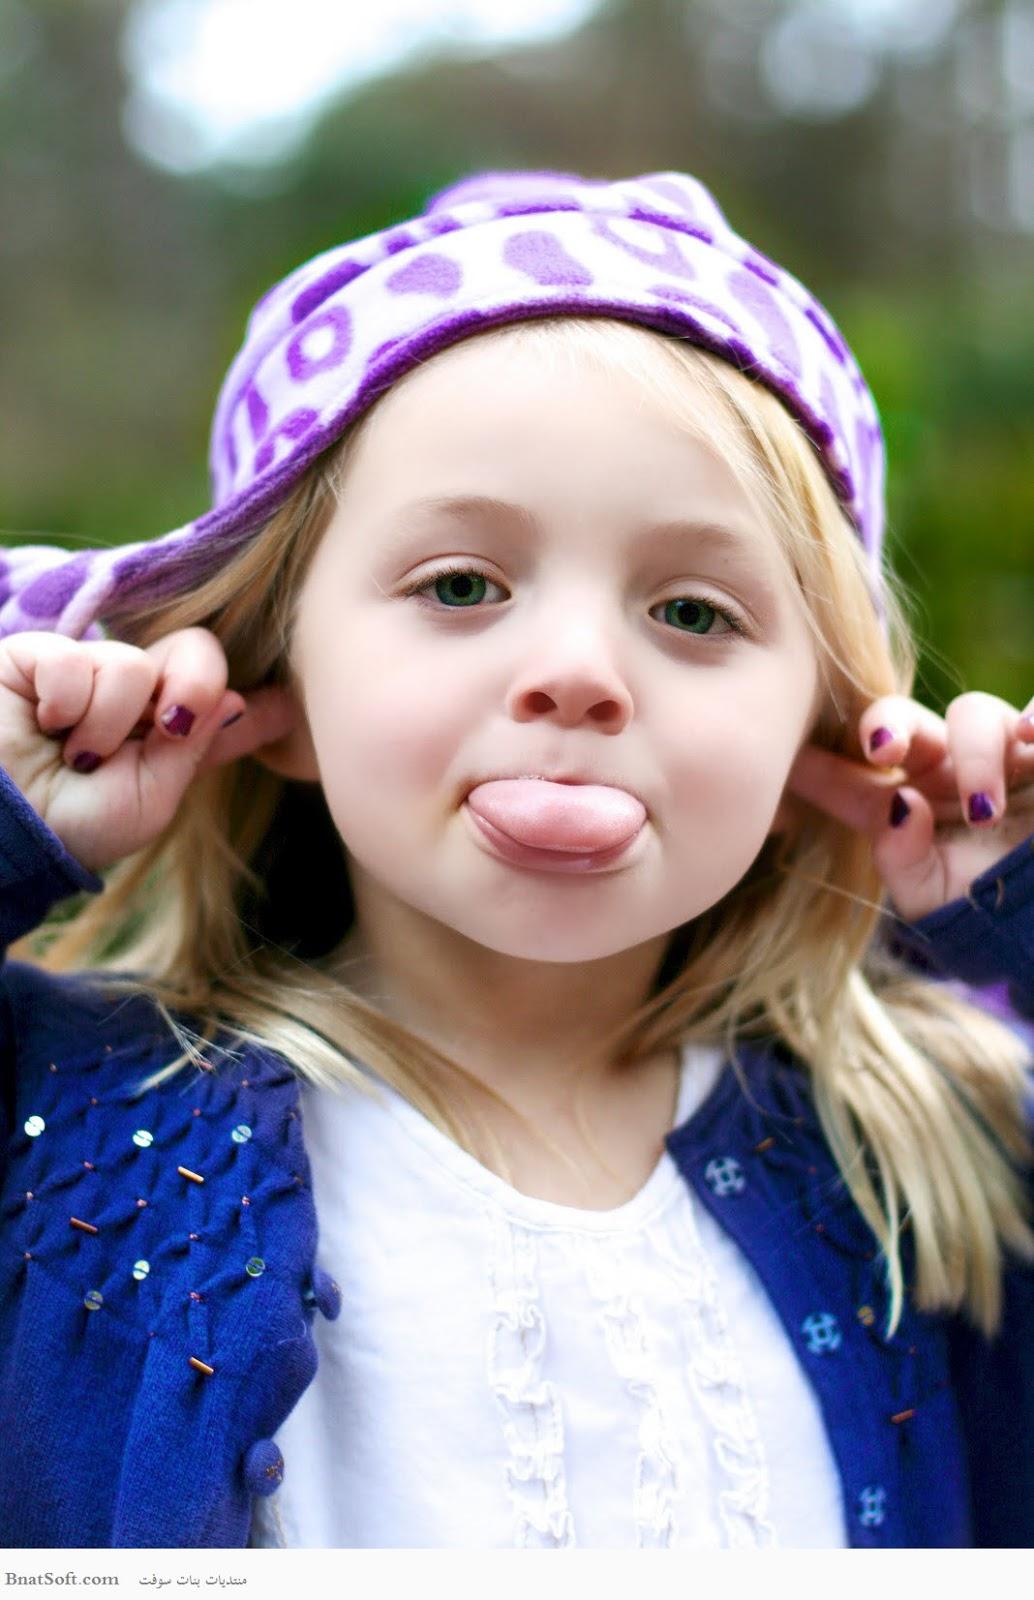 بالصور اجمل الصور للاطفال البنات , اروع صور البنات الصغار 3734 6